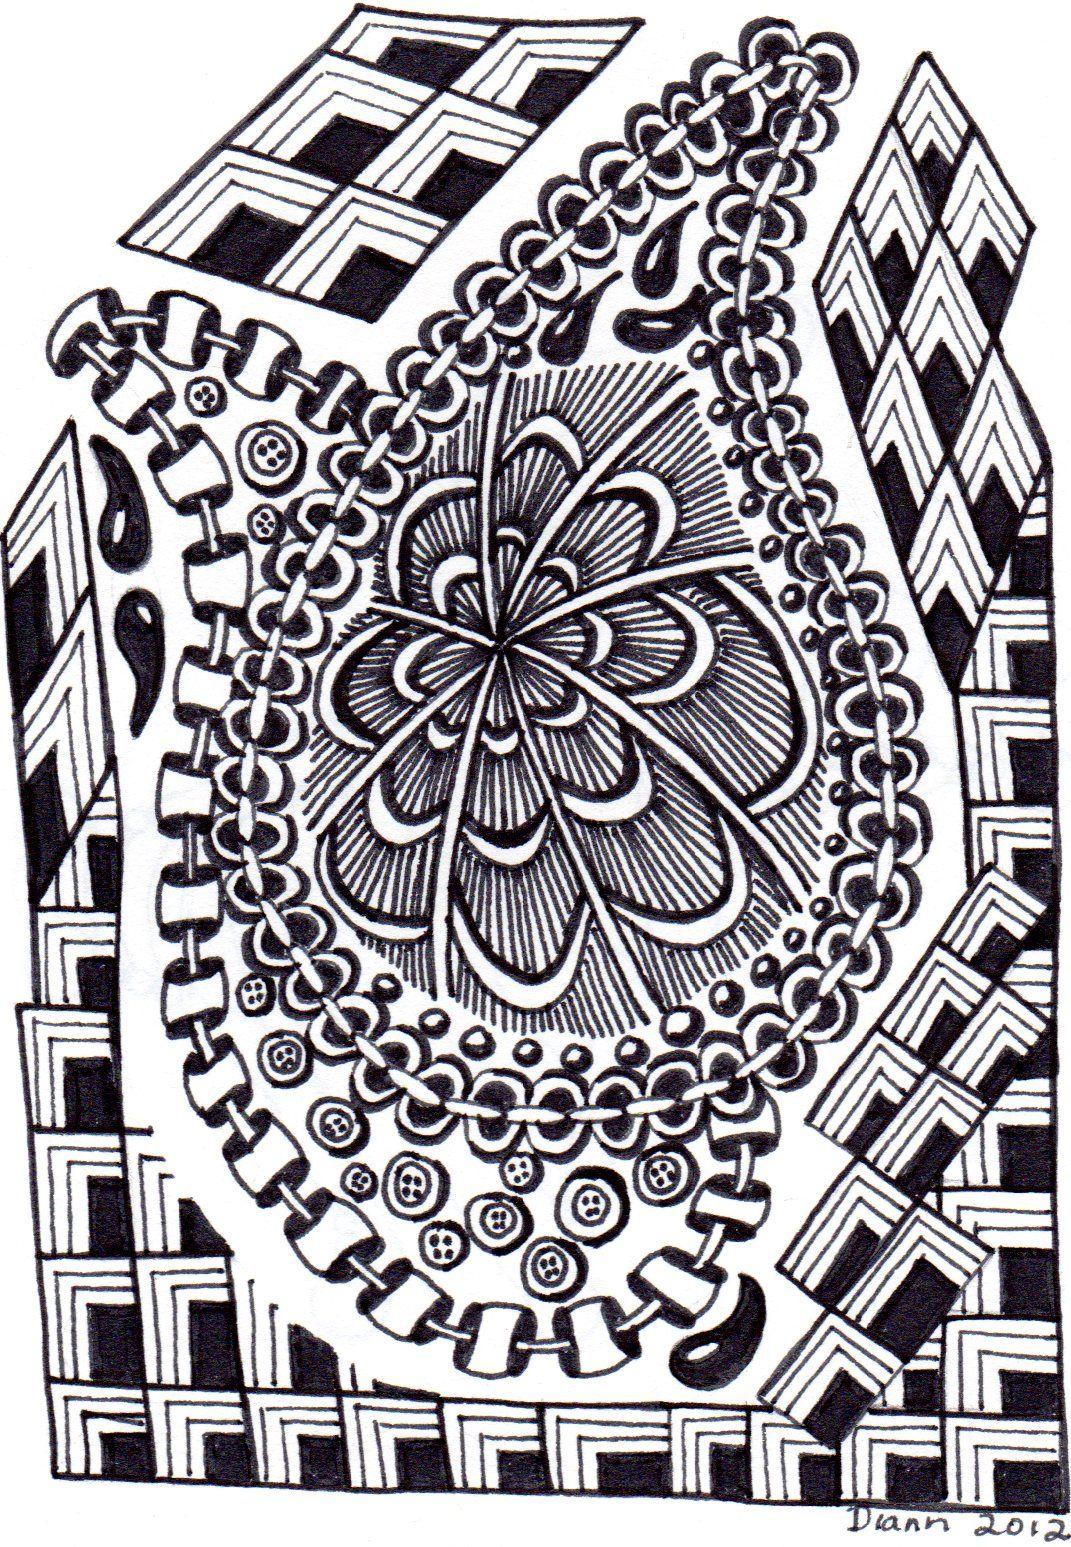 Cornered by Diann 2012. Pinned from her folder, visit for more Zentangles http://pinterest.com/dian0913/zentangle-inspired-my-art/